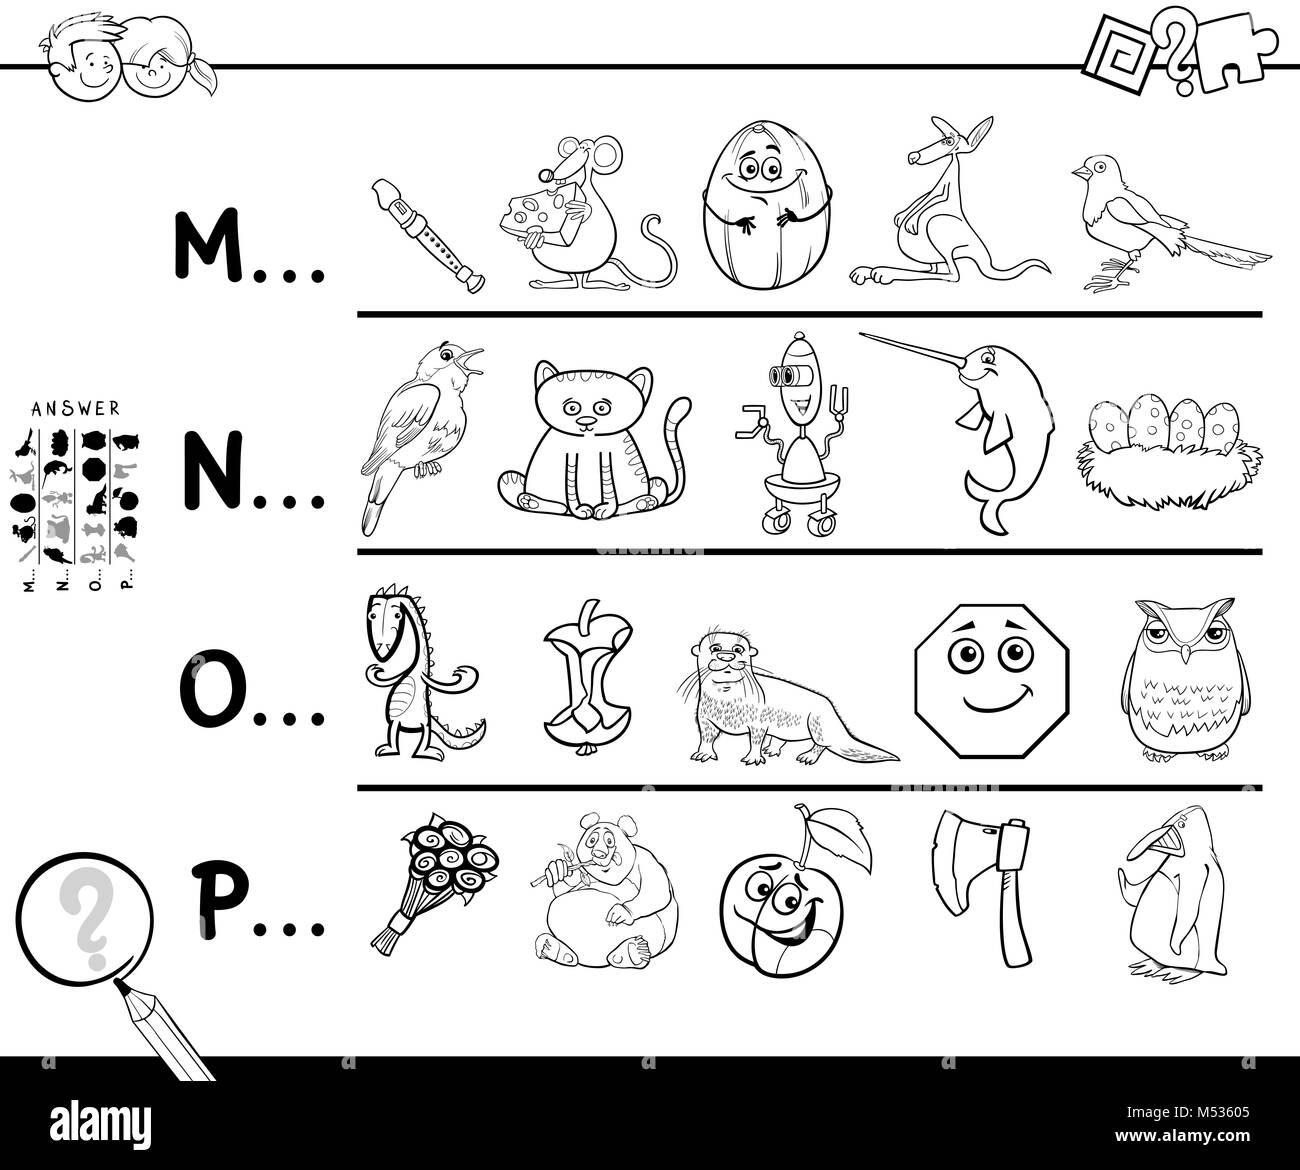 Dorable Burbujas Para Colorear Modelo - Dibujos Para Colorear En ...